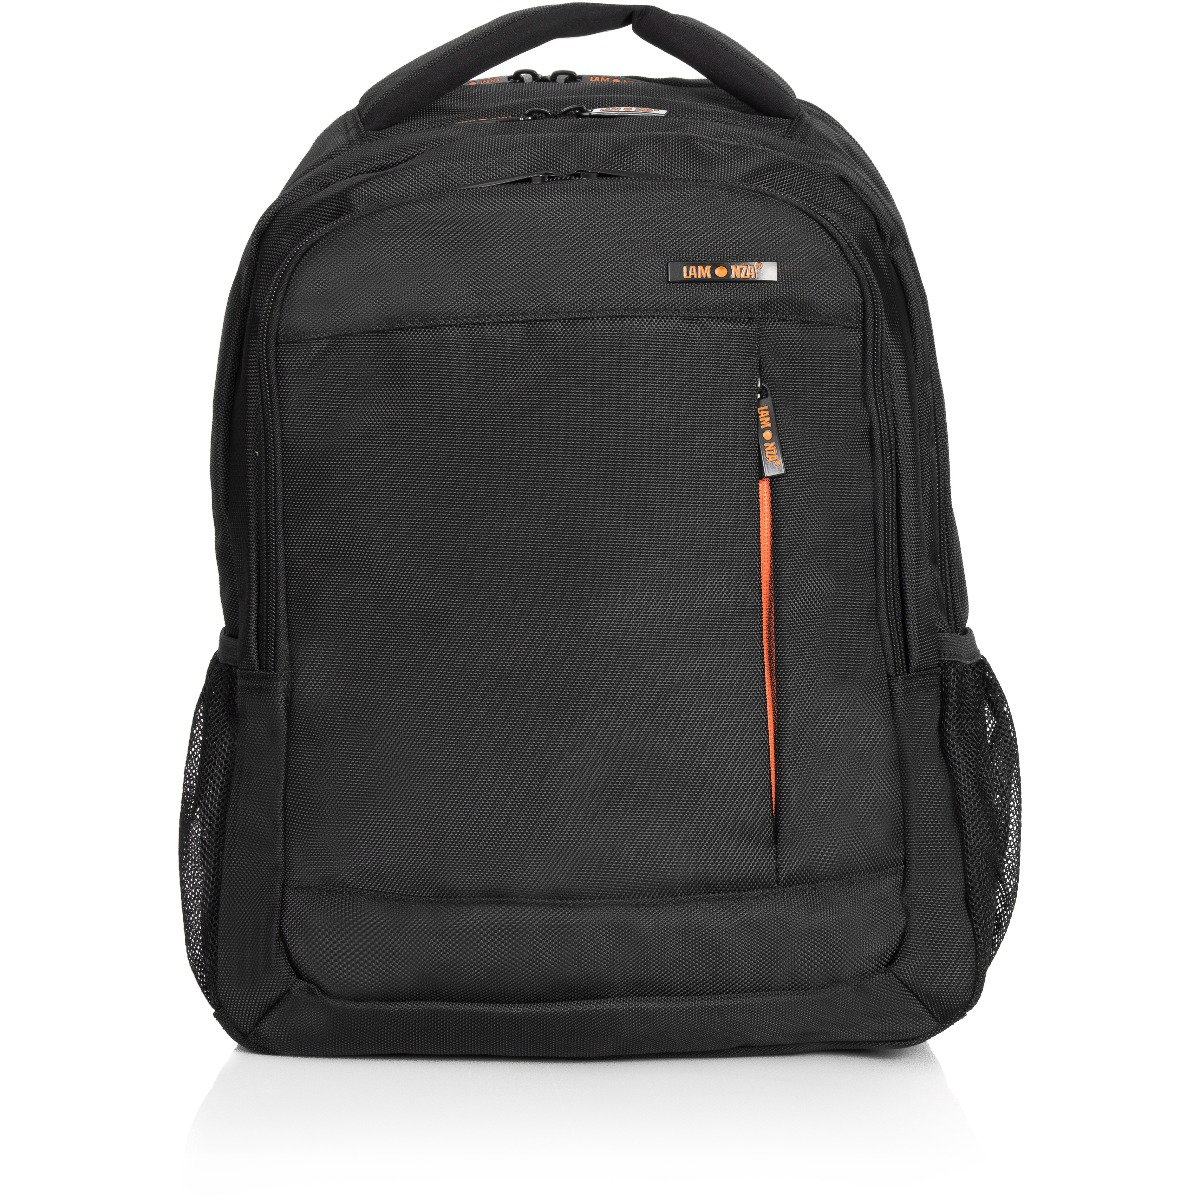 Rucsac pentru laptop Lamonza Crest, Portocaliu, 43 cm imagine